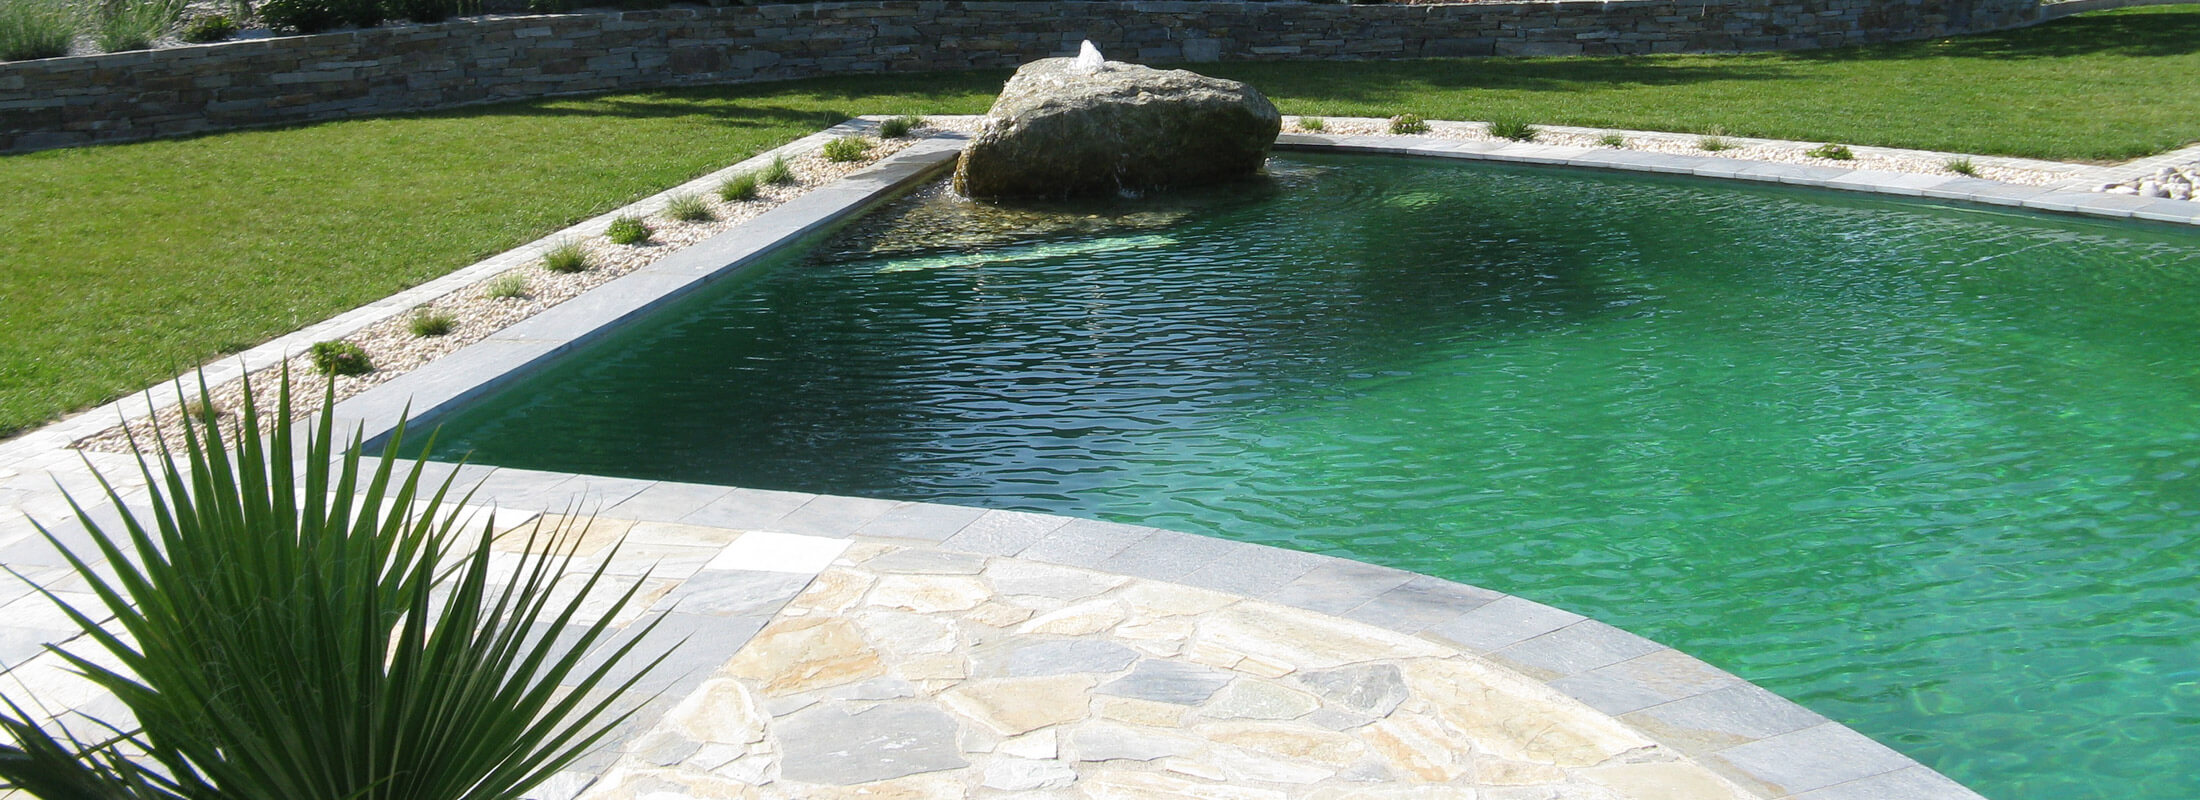 Schwimmteich / Pool